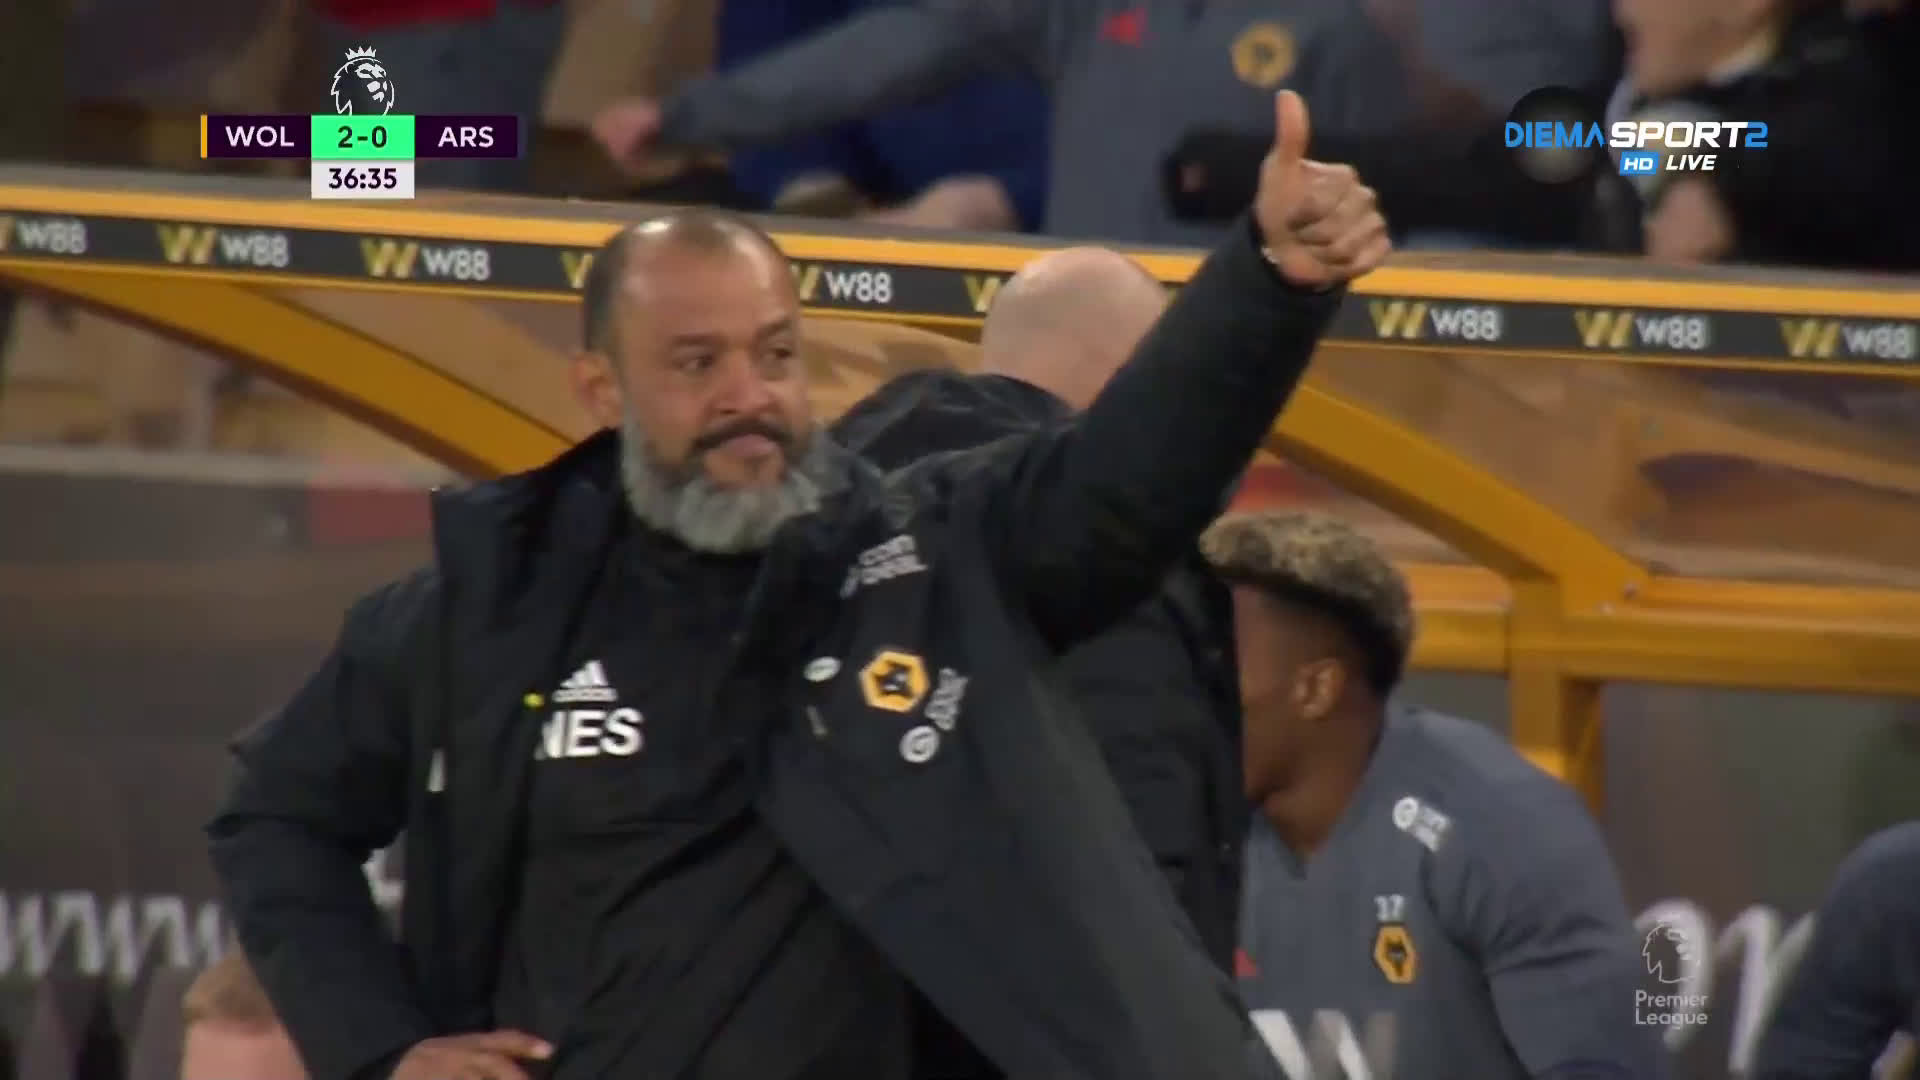 Втори гол за Уулвс във вратата на Арсенал